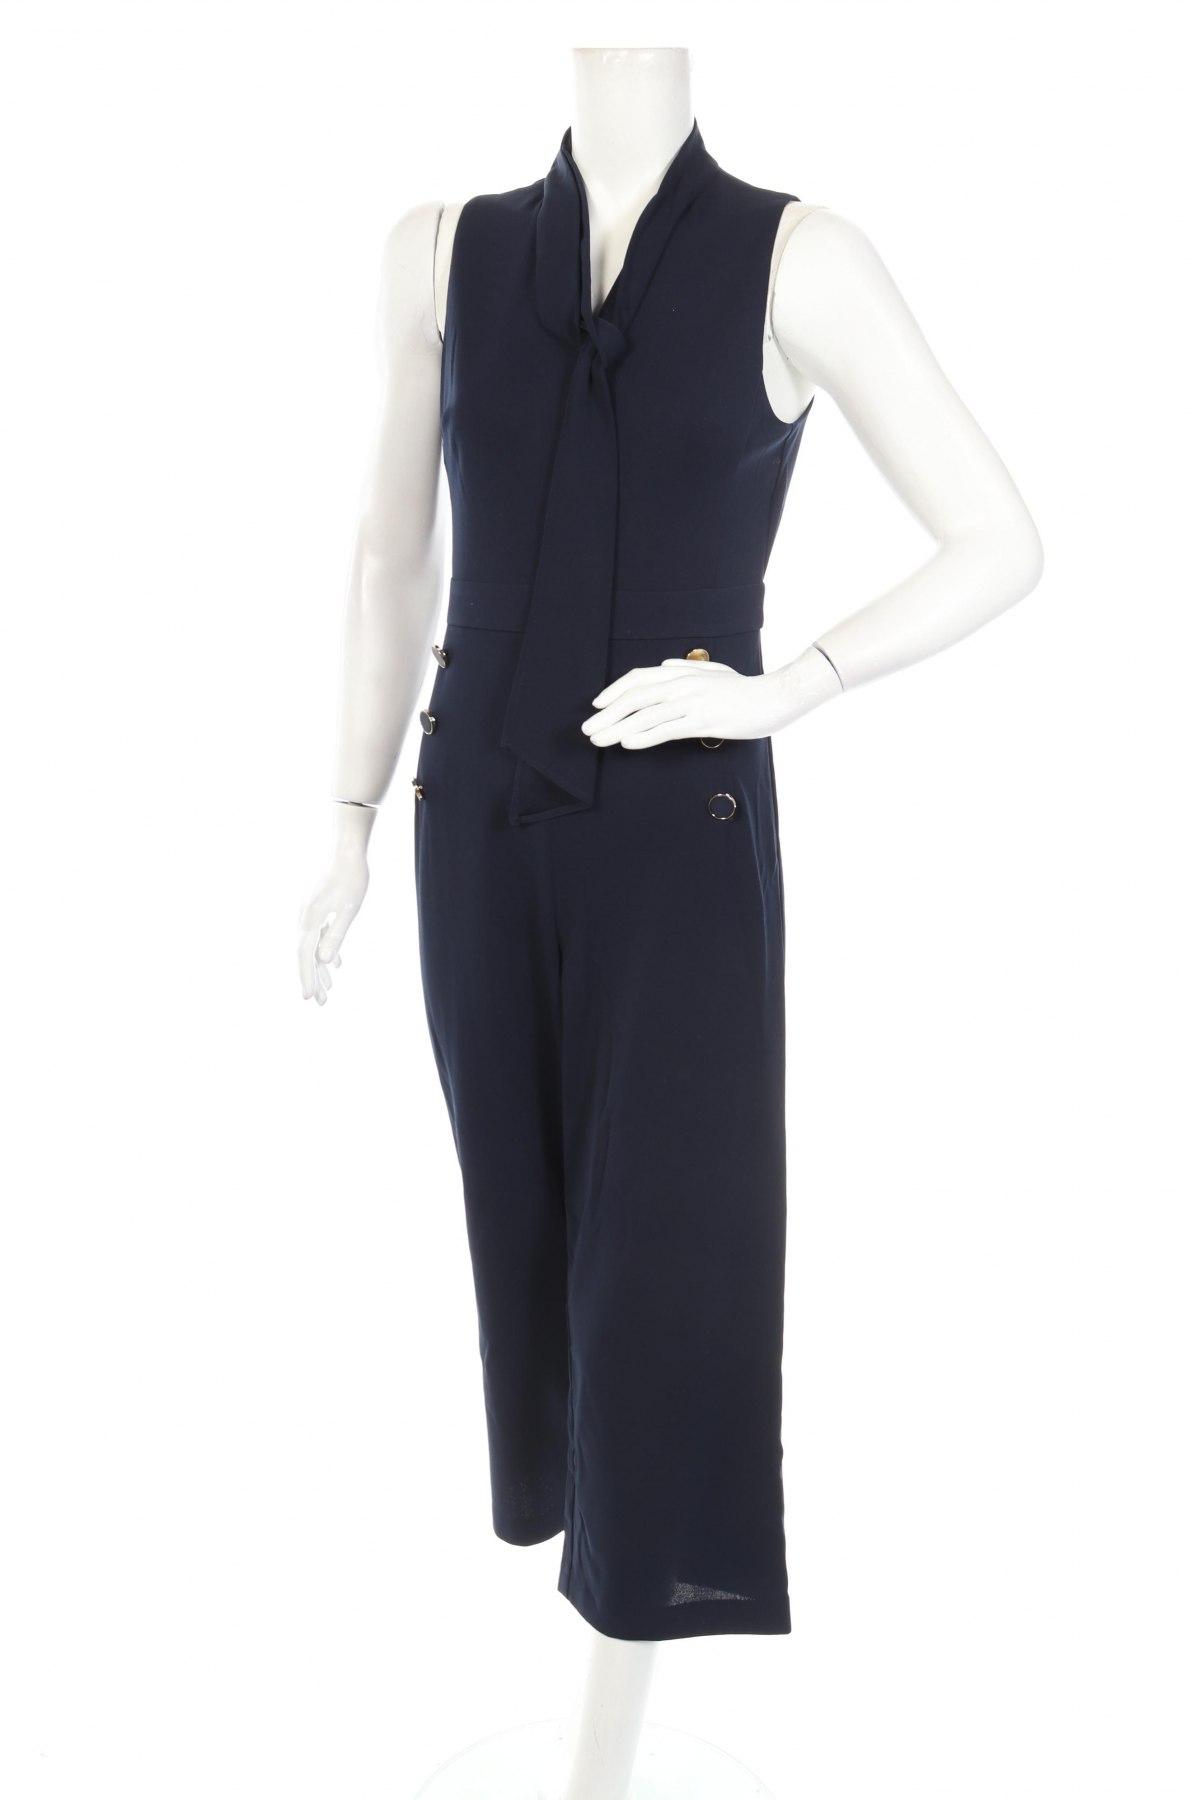 Γυναικεία σαλοπέτα DKNY, Μέγεθος S, Χρώμα Μπλέ, 96% πολυεστέρας, 4% ελαστάνη, Τιμή 76,94€